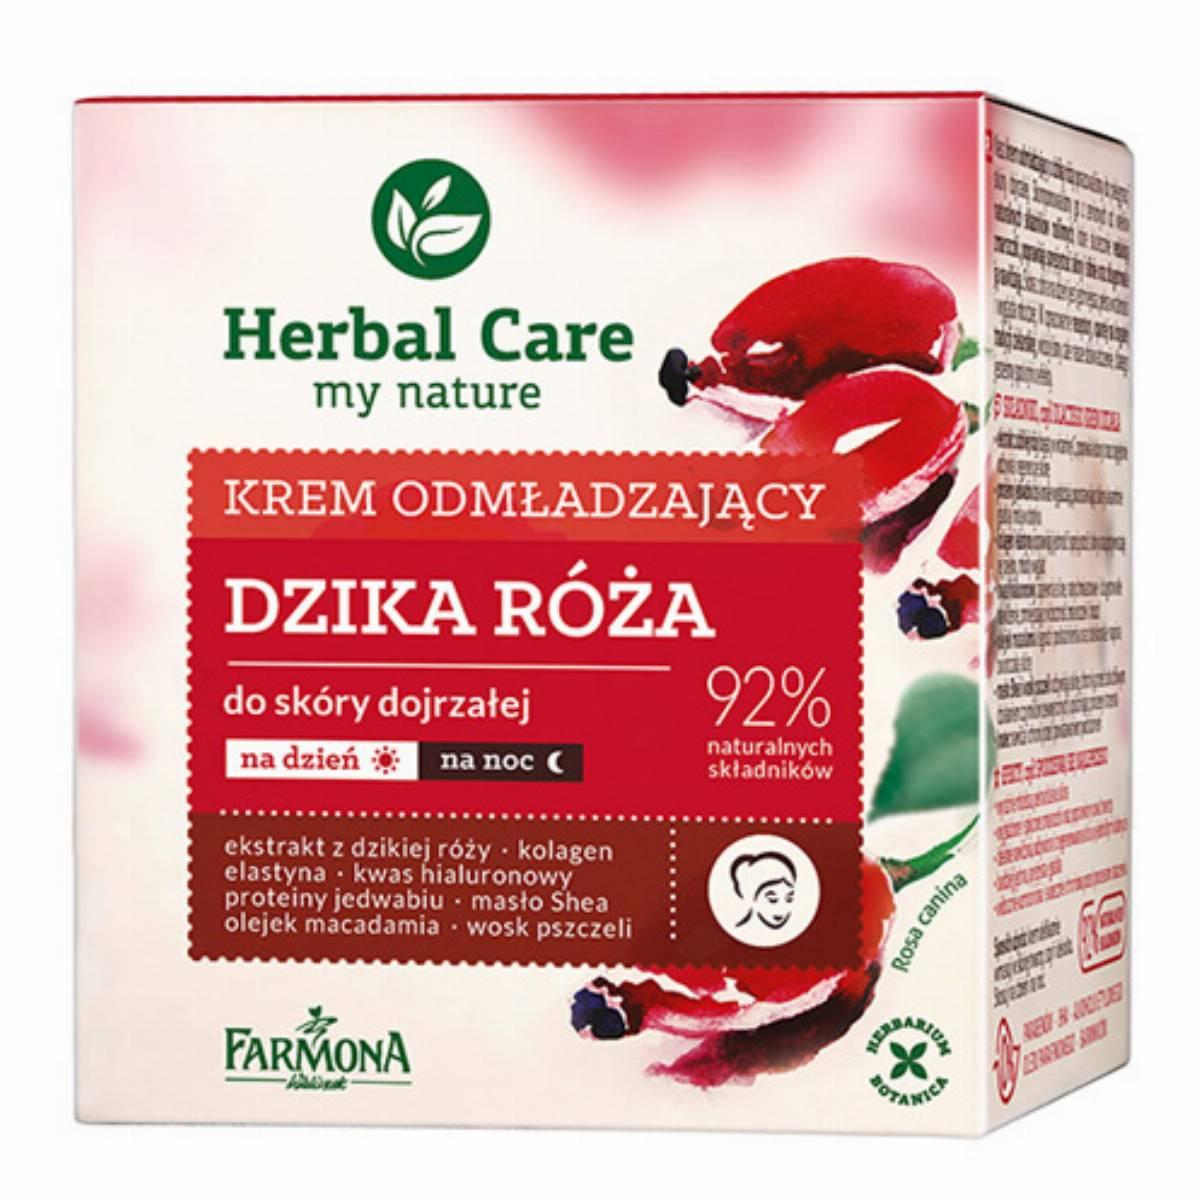 Farmona Herbal Care krem do twarzy - dzika roza box